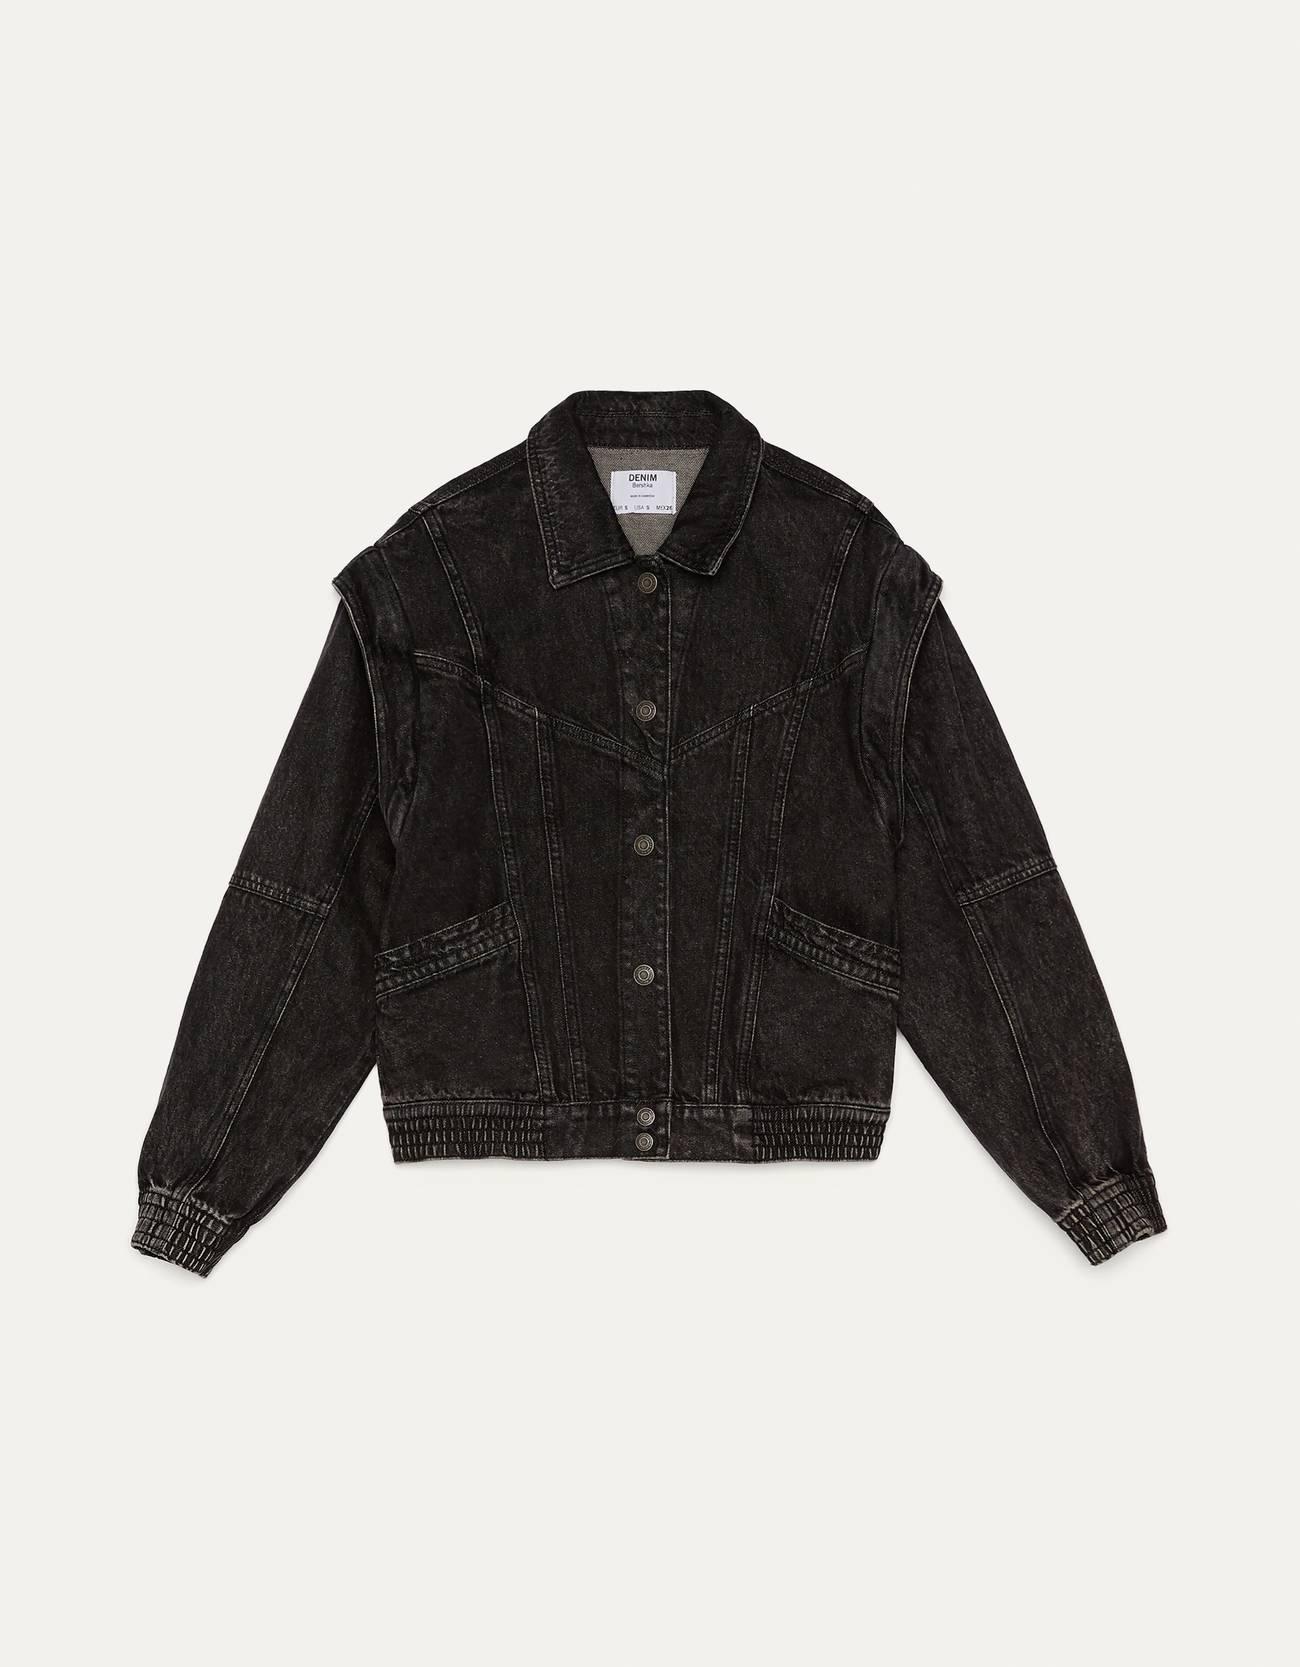 Джинсовая куртка Черный Bershka